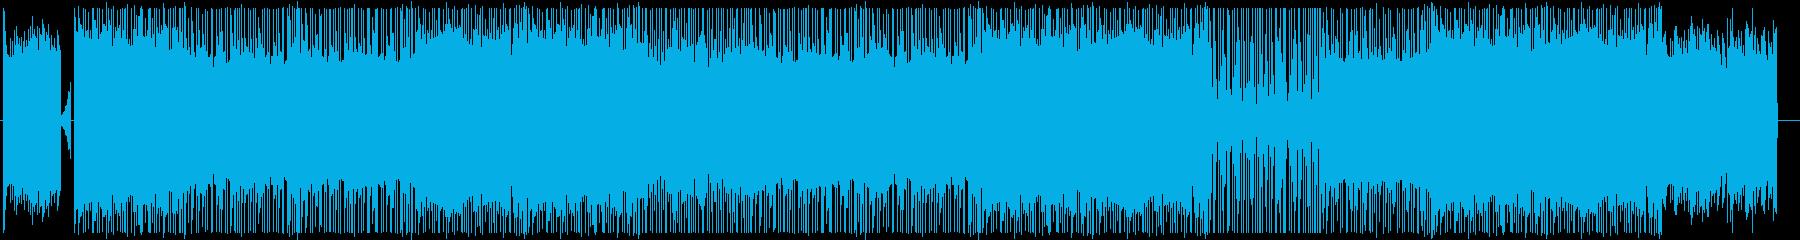 ピアノ/ヒップホップ/シンプル/#3の再生済みの波形